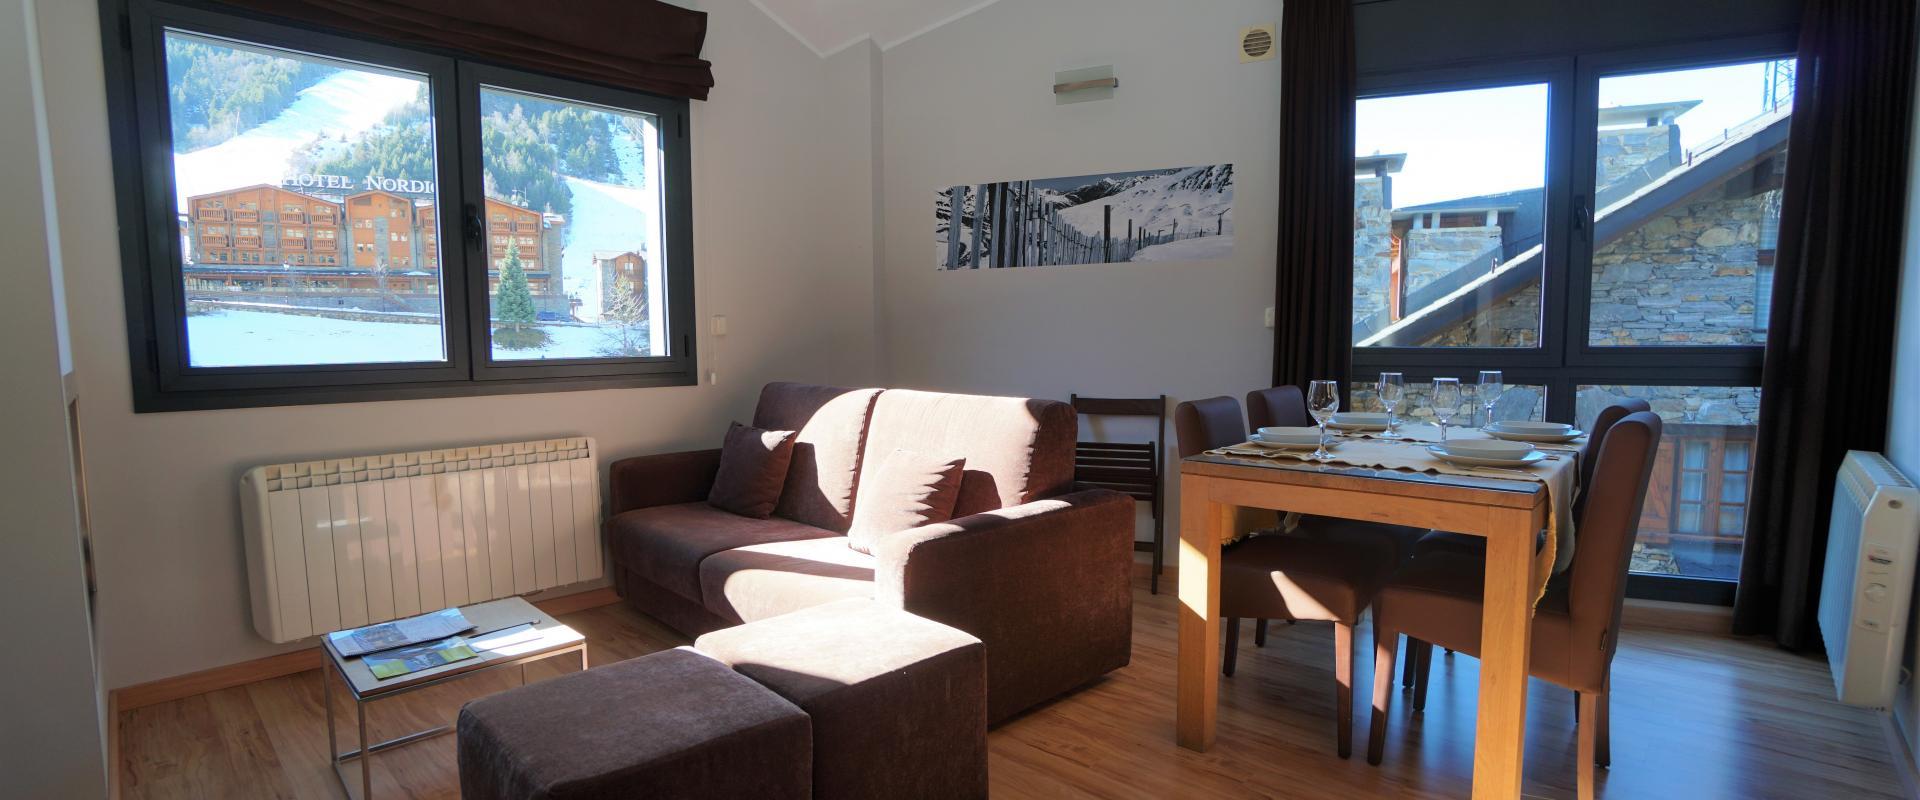 Salon Apartaments Superior El Tarter Andorra